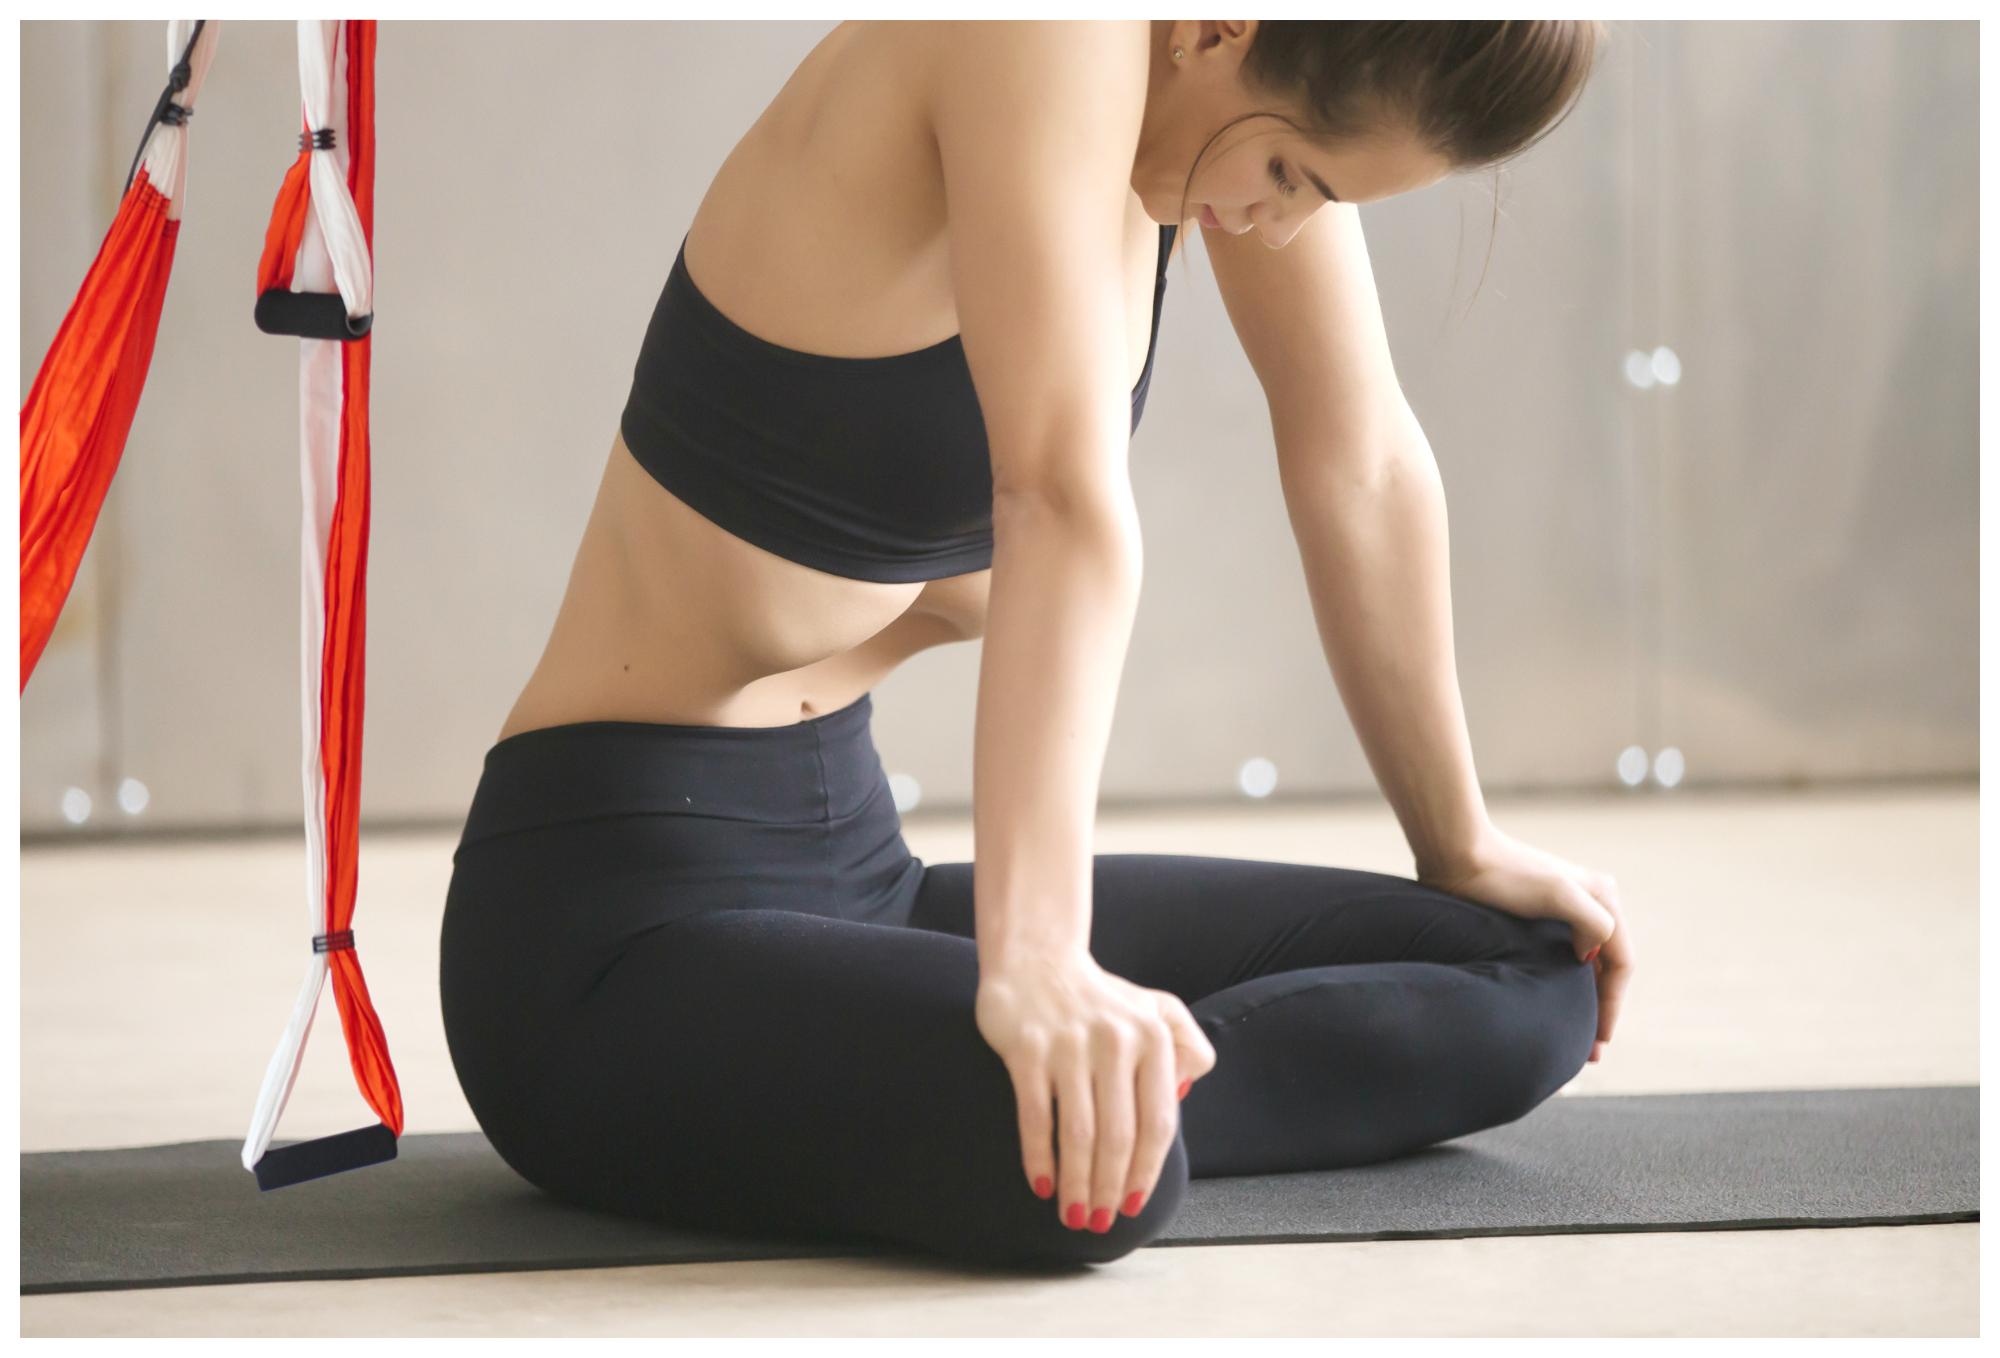 За Месяц Похудеть С Йогой. Эффективна ли йога для похудения — отзывы с фото до и после прилагаются